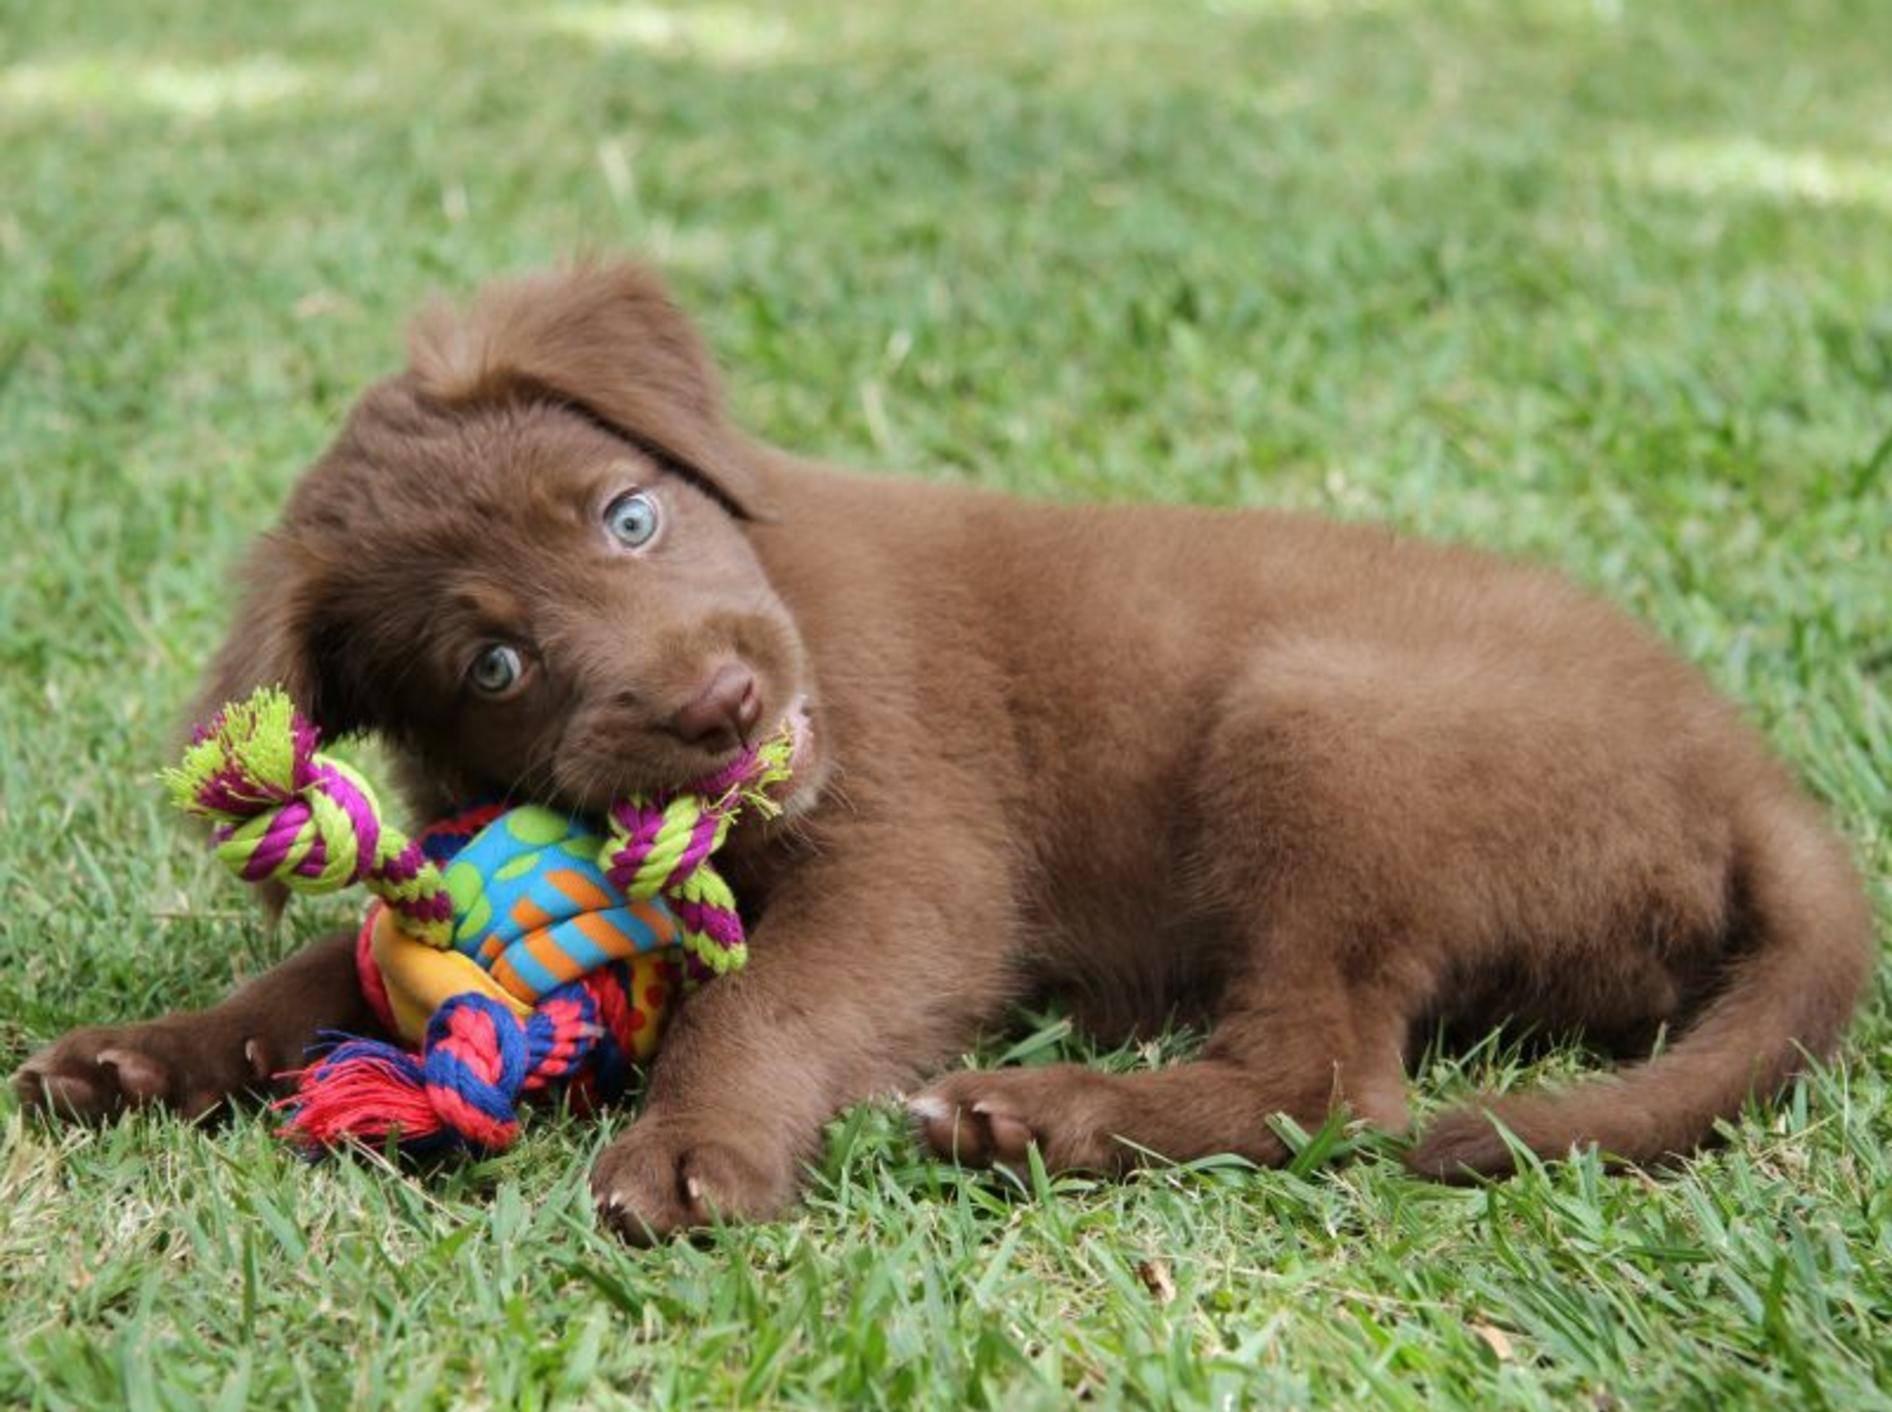 Welpenspielzeug: Beschäftigung für kleine Hunde – Bild: Shutterstock / Jez Bennett